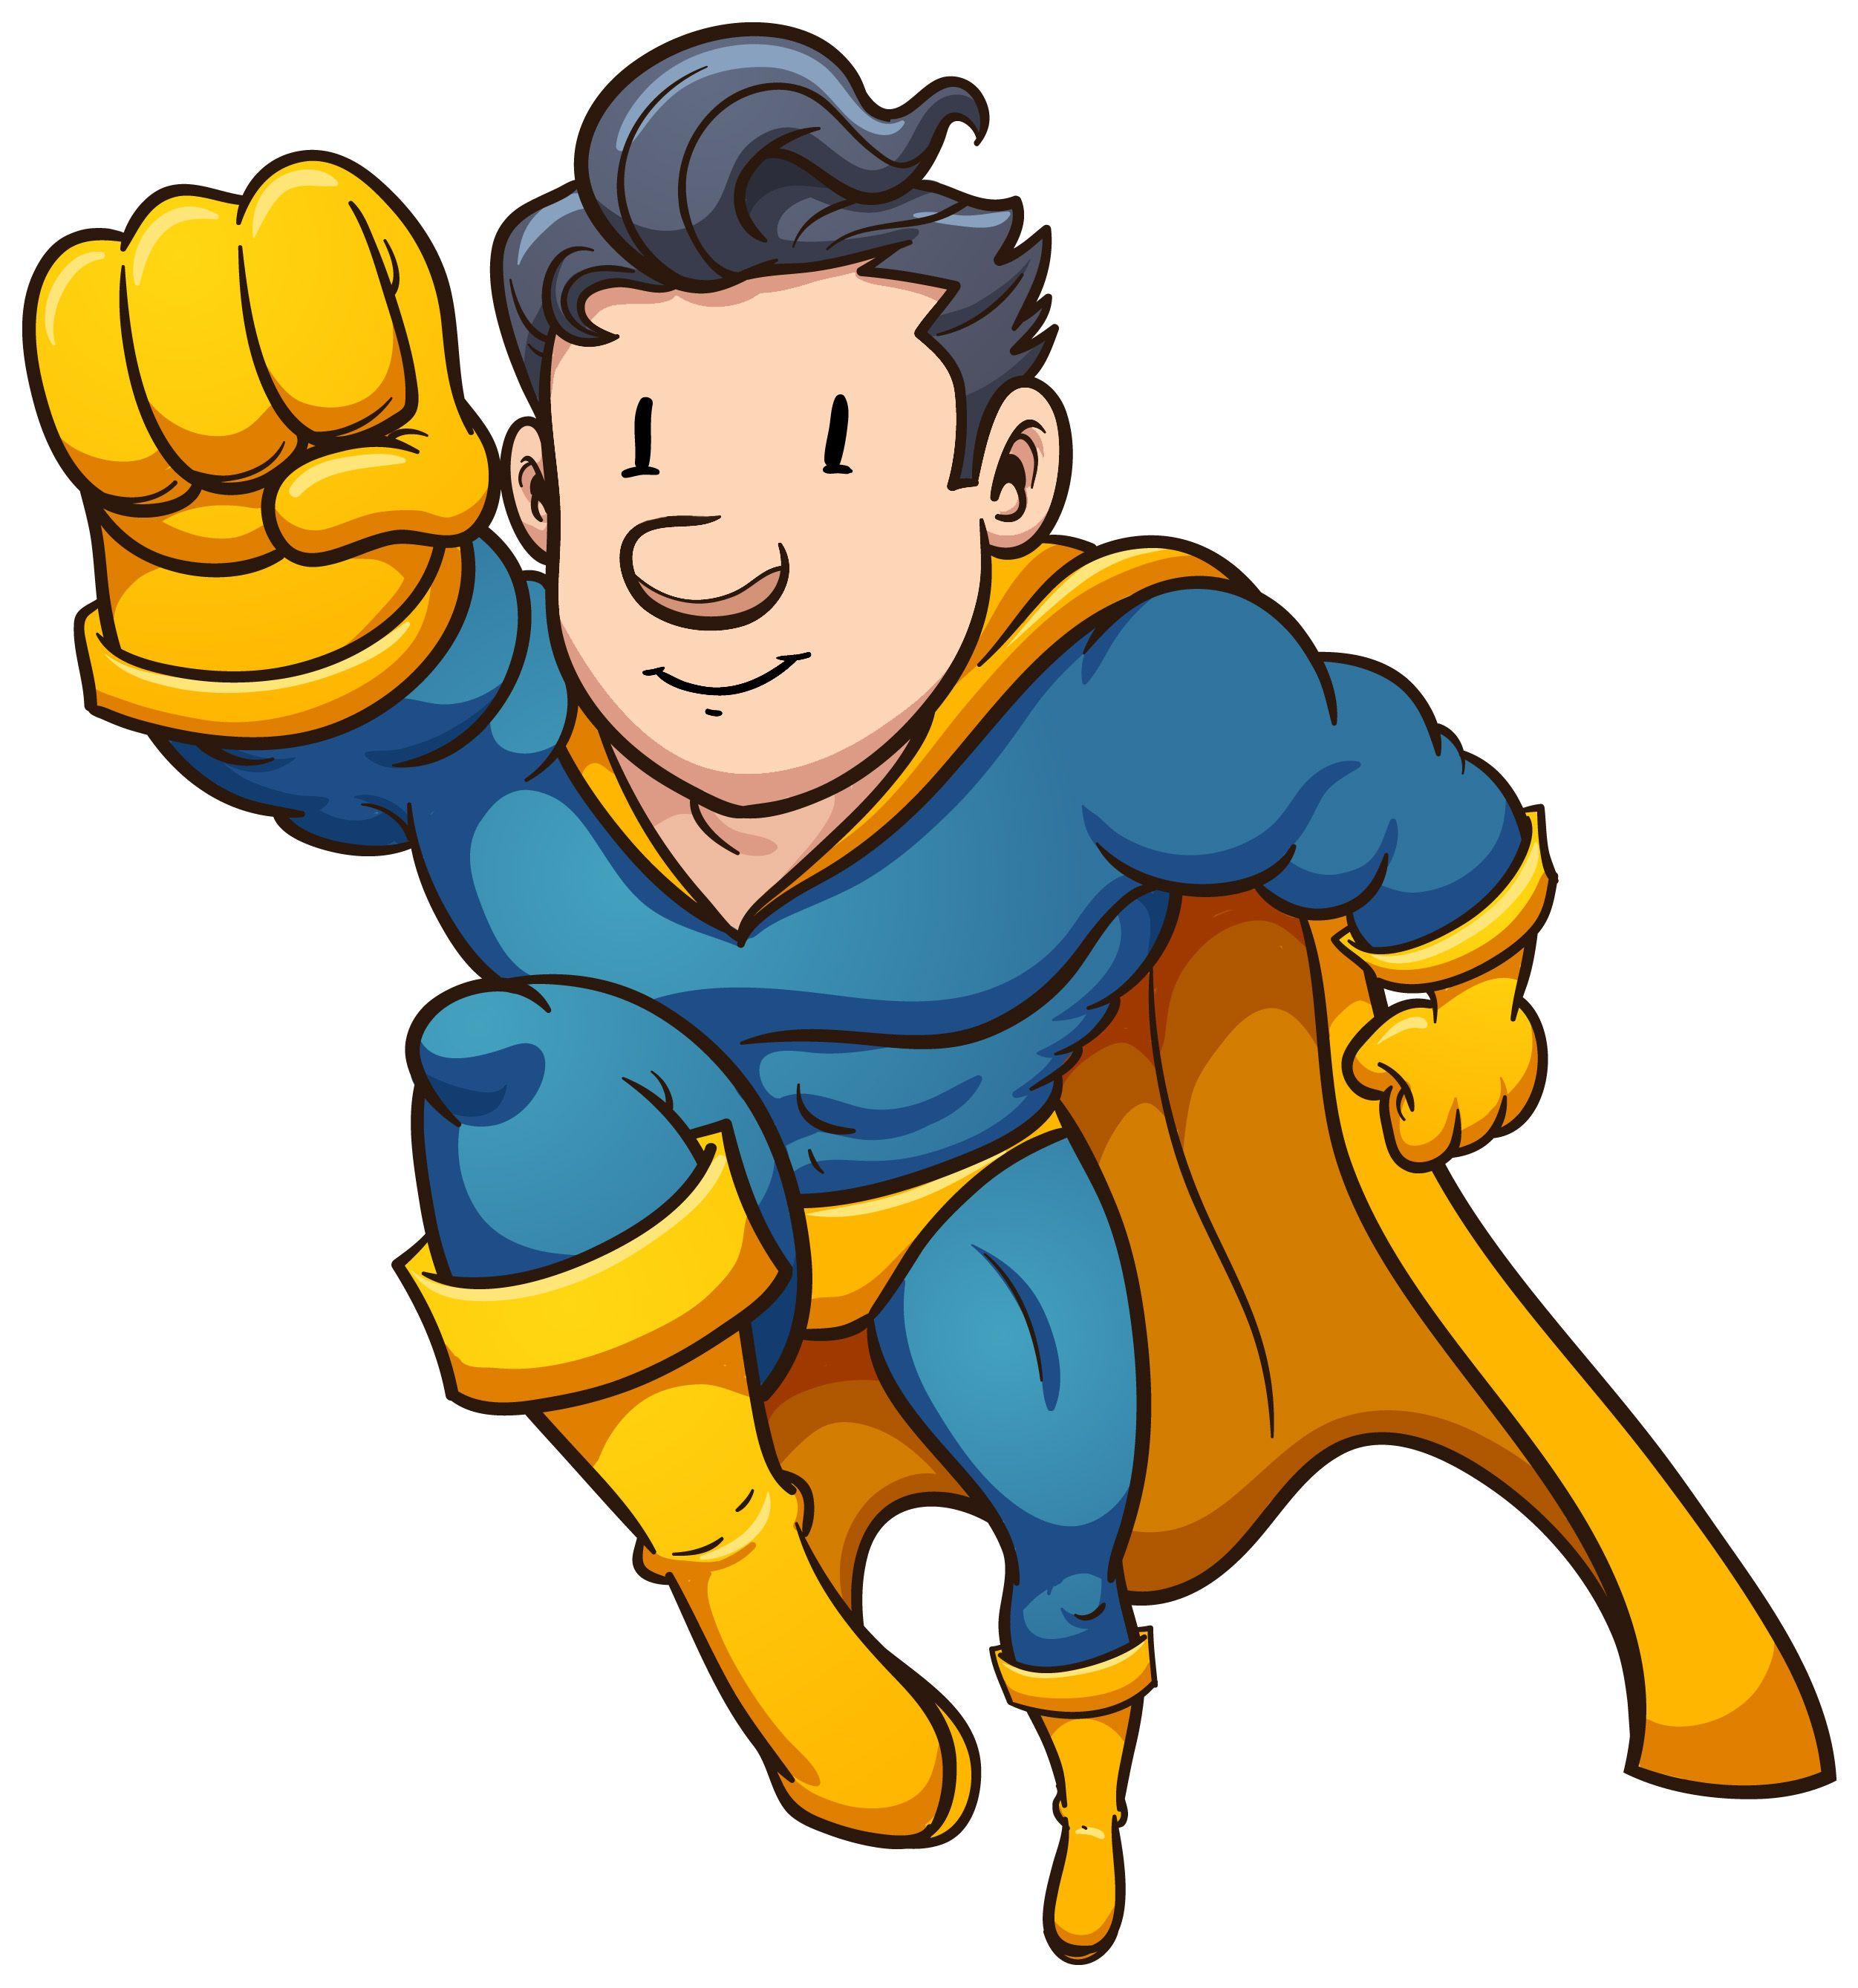 superhero clipart for kids at getdrawings com free for personal rh getdrawings com super heros free clipart superhero clipart free images